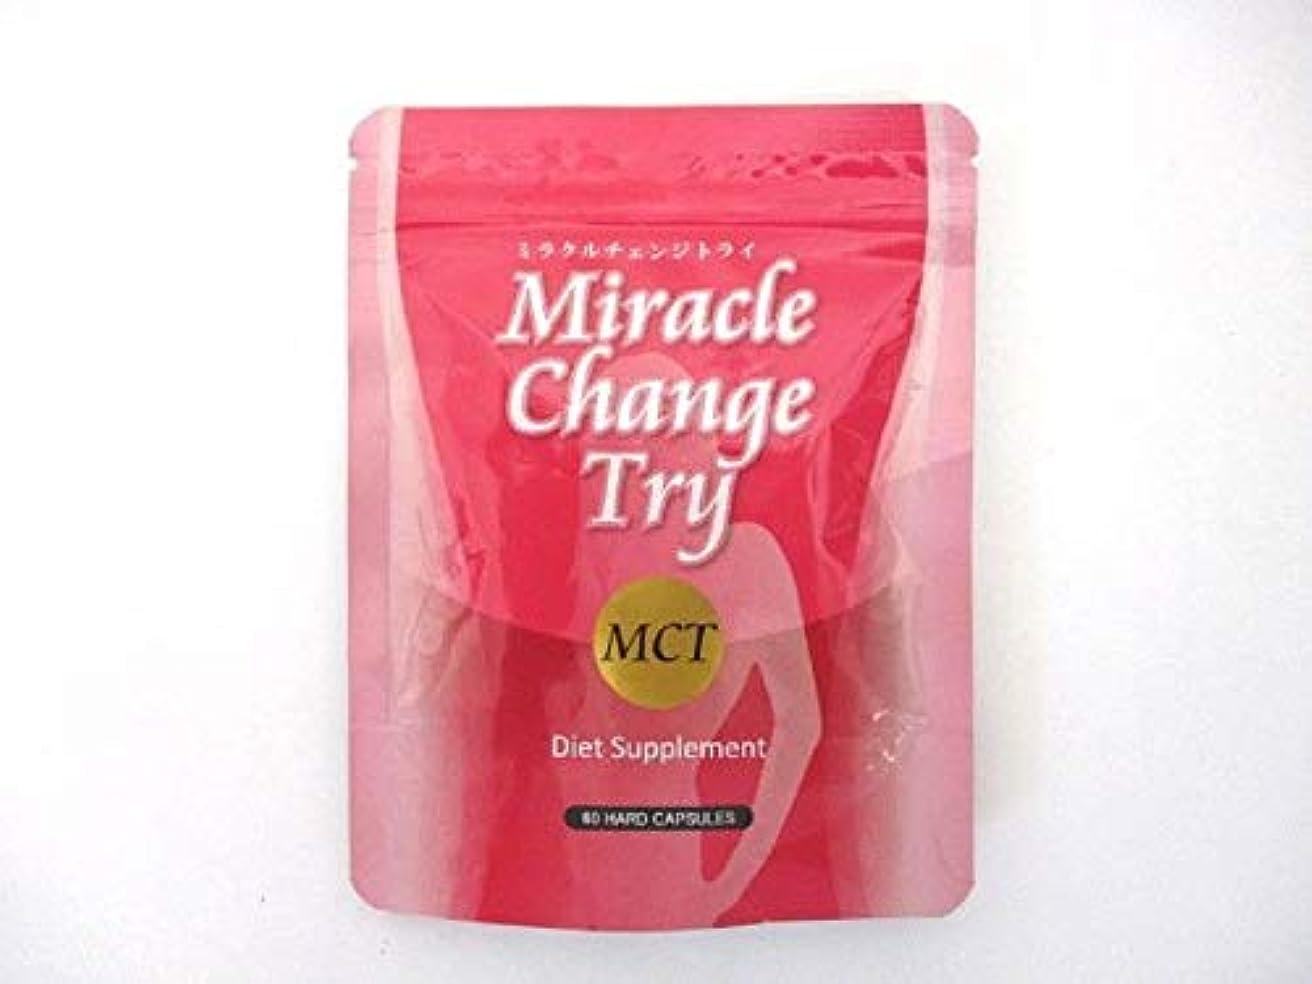 道いじめっ子開始ミラクルチェンジトライ Miracle Change Try